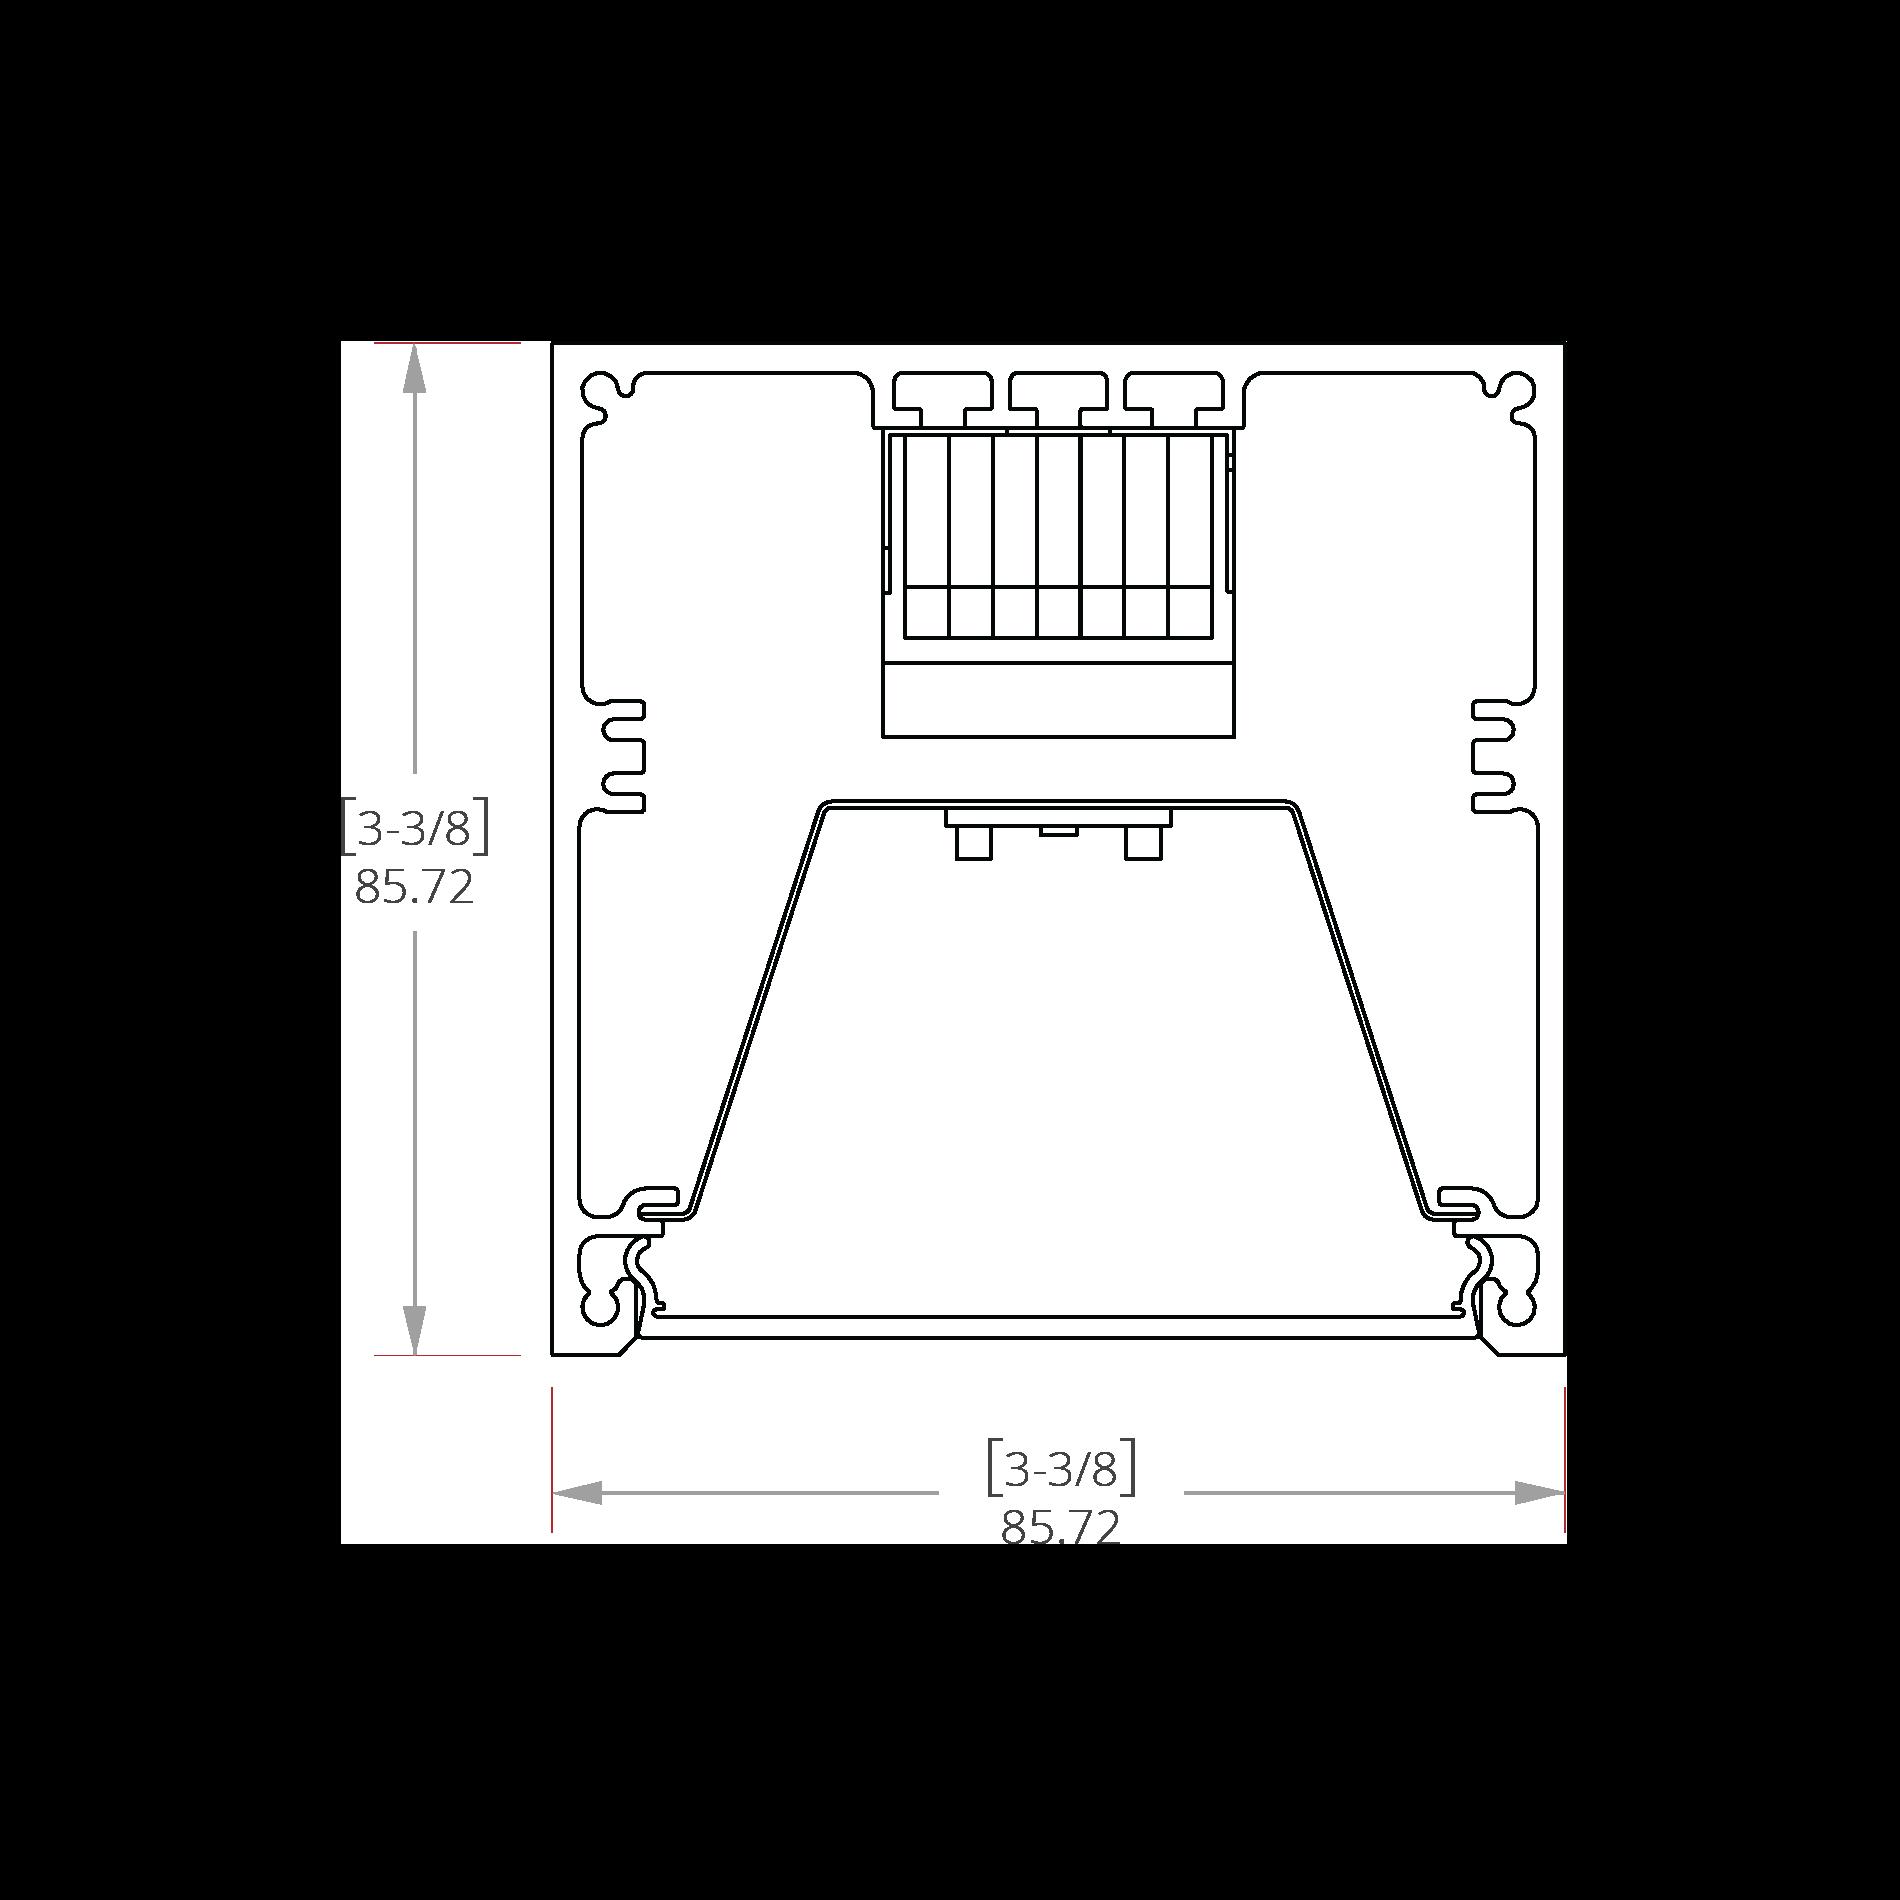 Nitrogen 3 Line Drawing